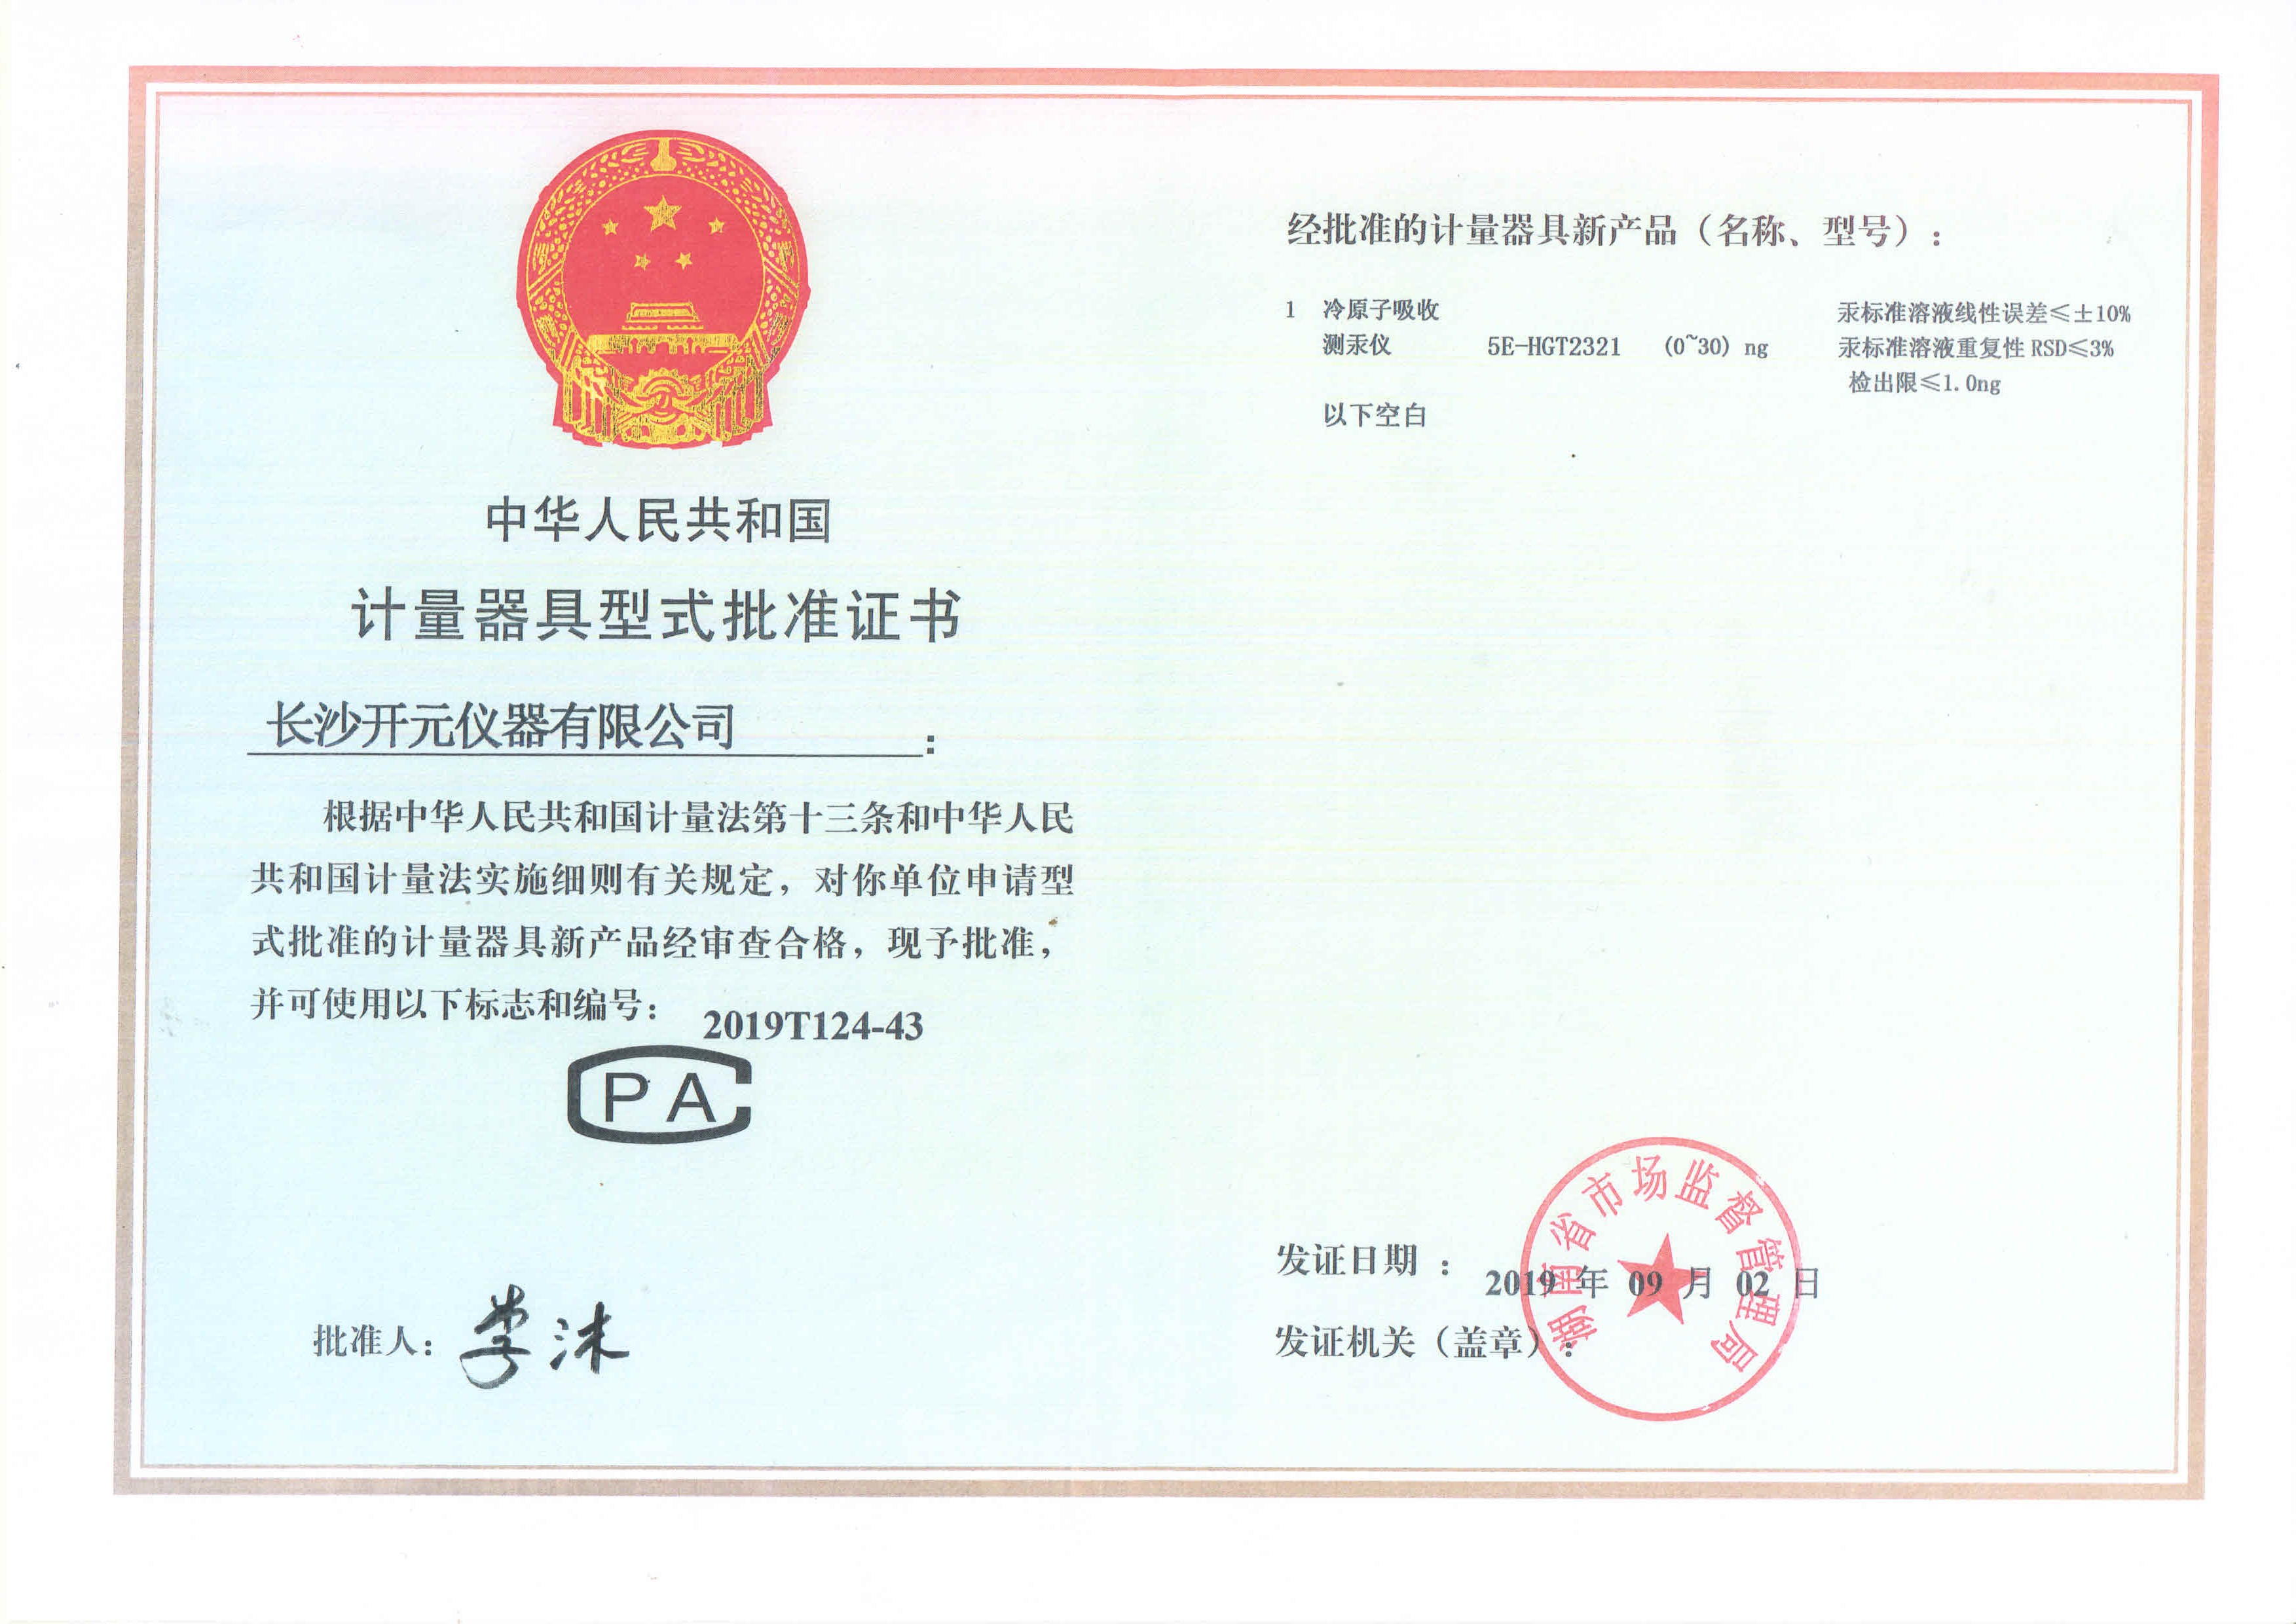 计量器具型式批准证书-测汞仪